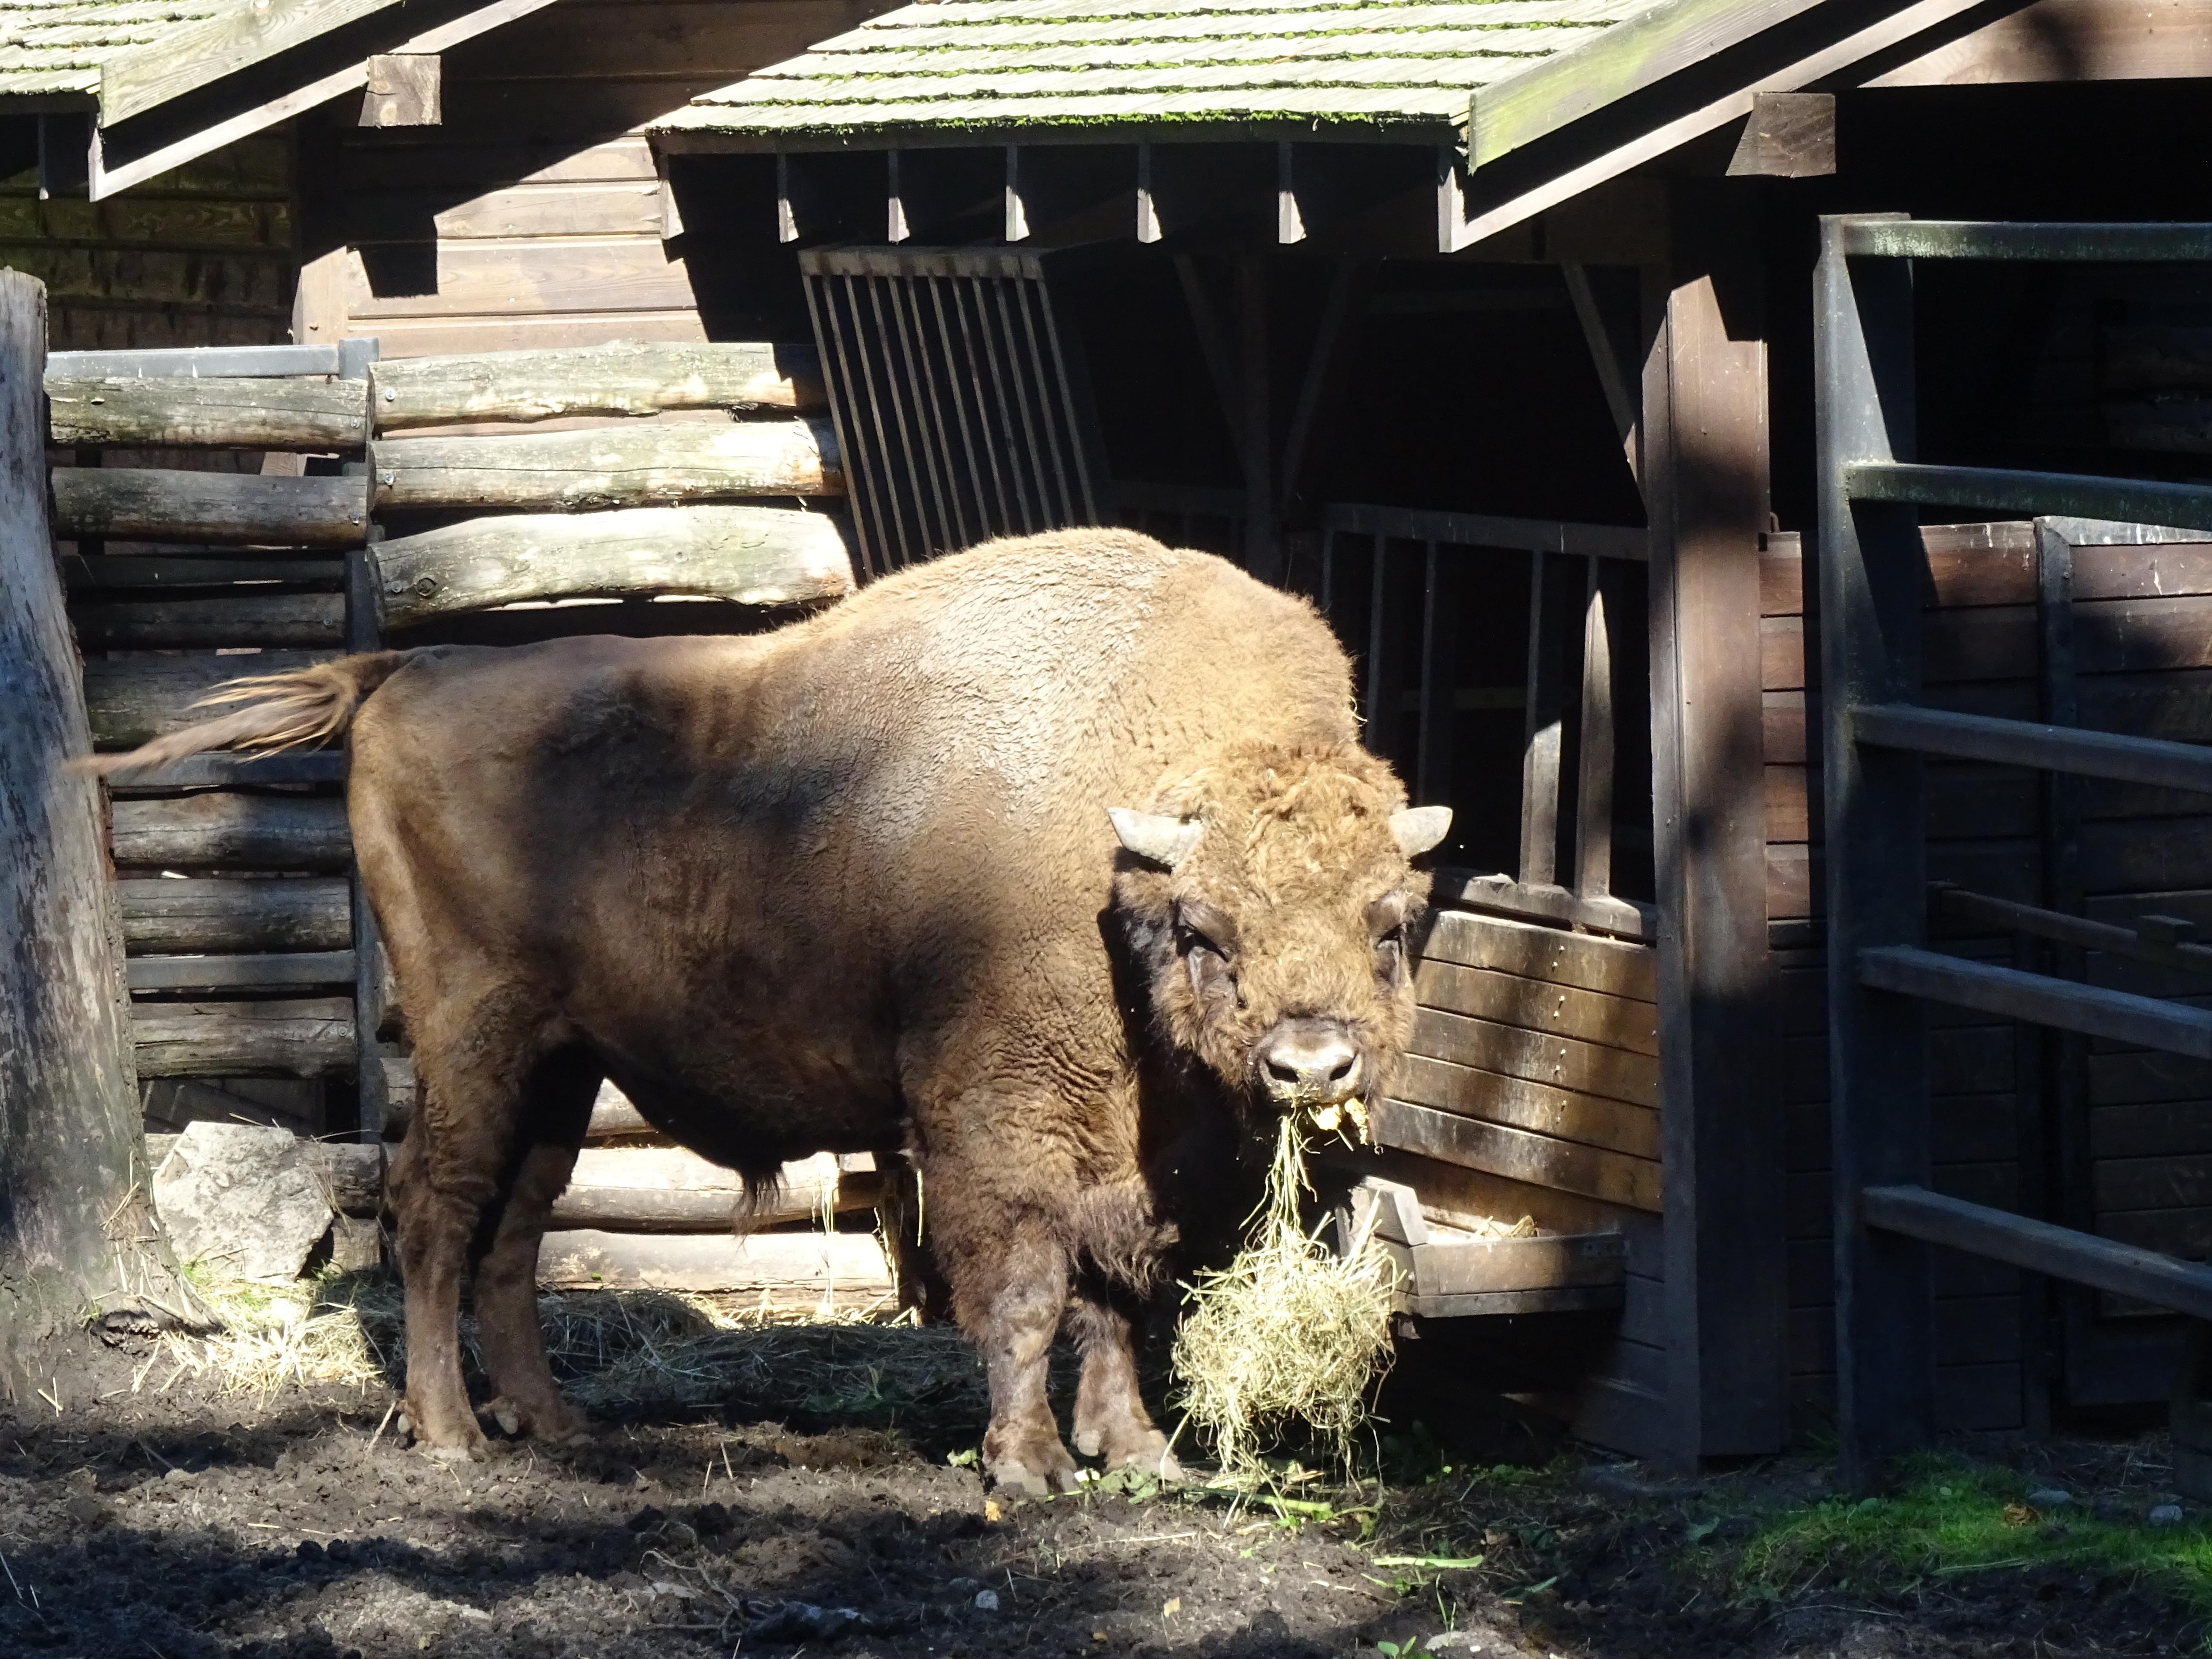 bison akcent zoo zwierzyniecki park bialystok poland